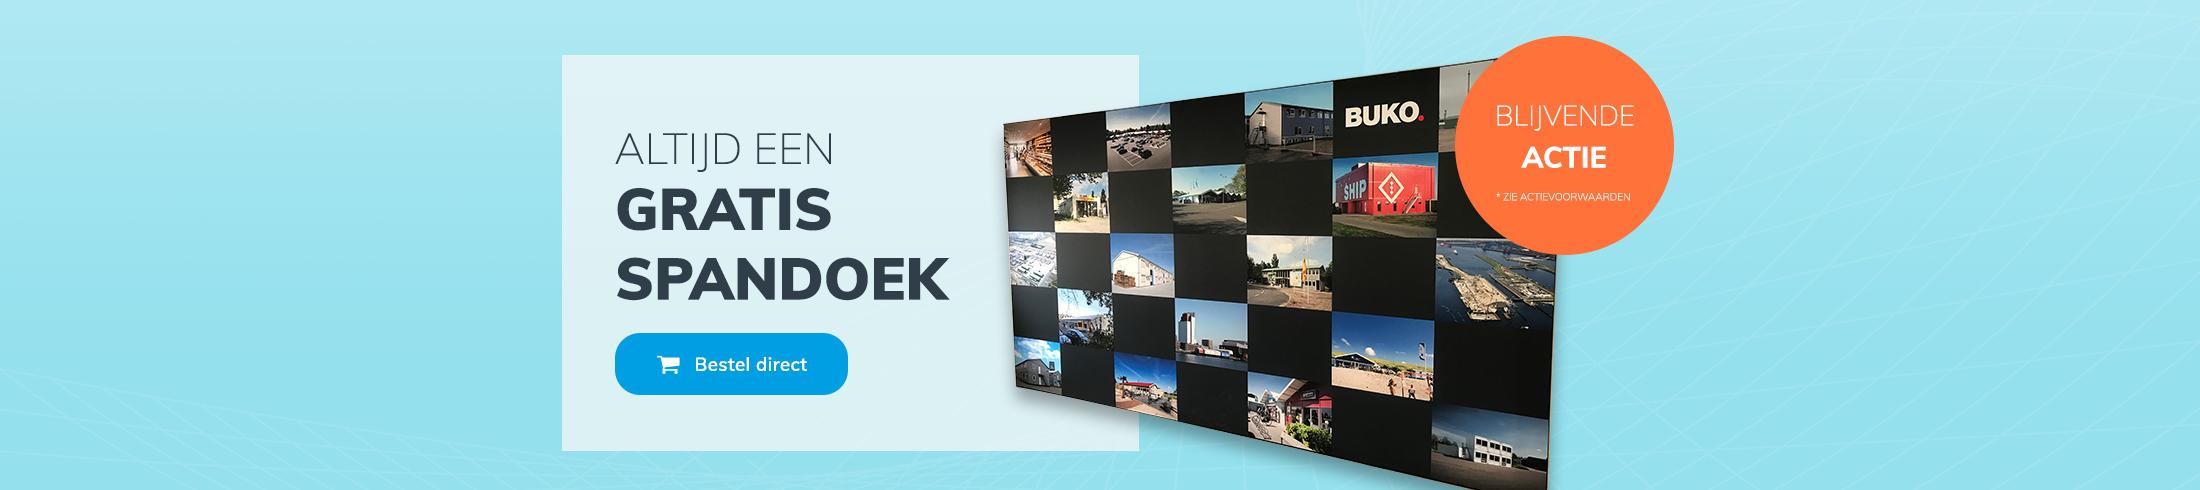 Gratisspandoek.nl Blijvende actie - slide 1